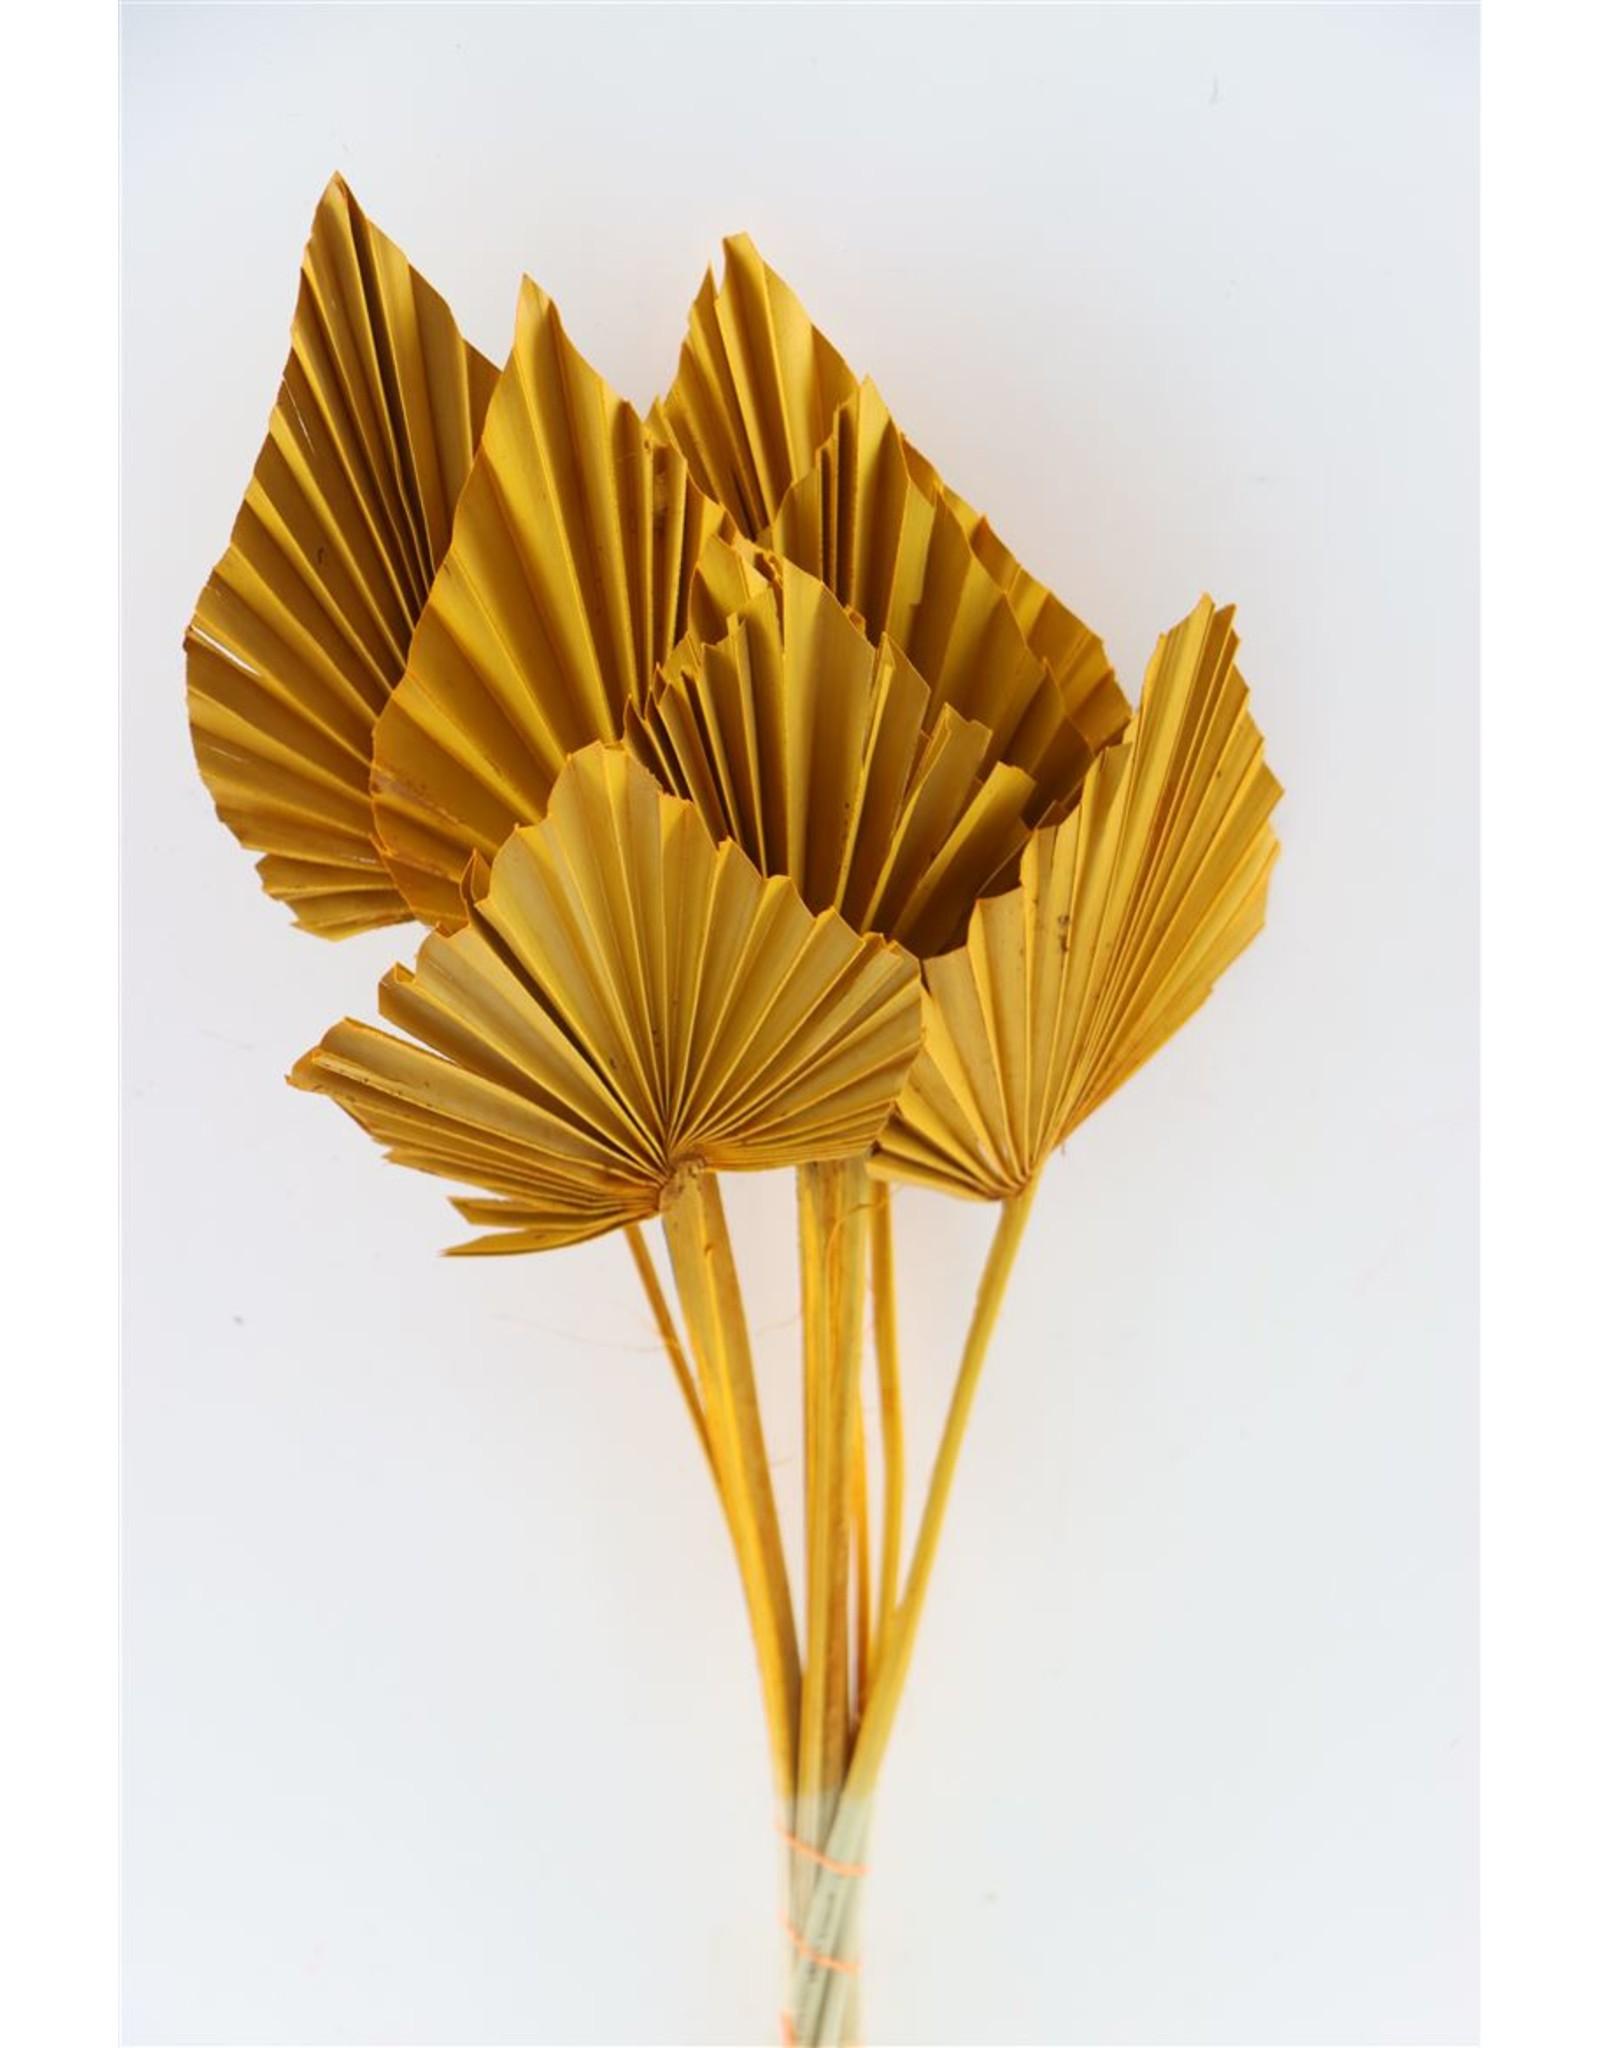 Dried Palm Spear 10pc Ocher Yellow Bunch x 3